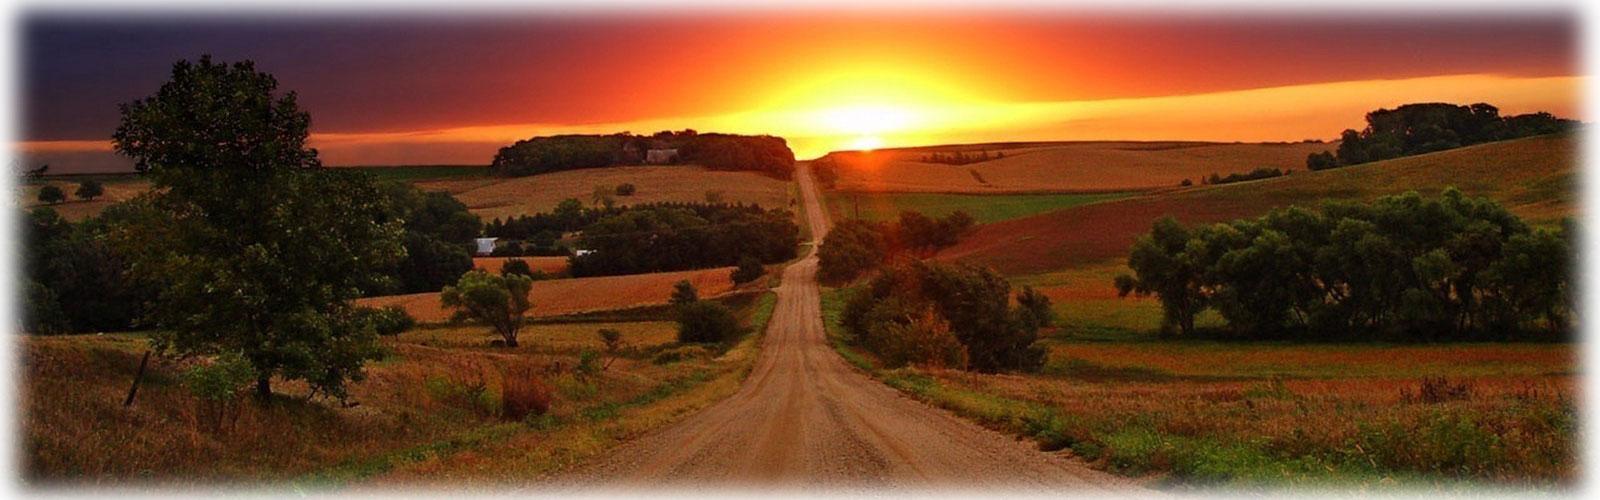 黄昏への道